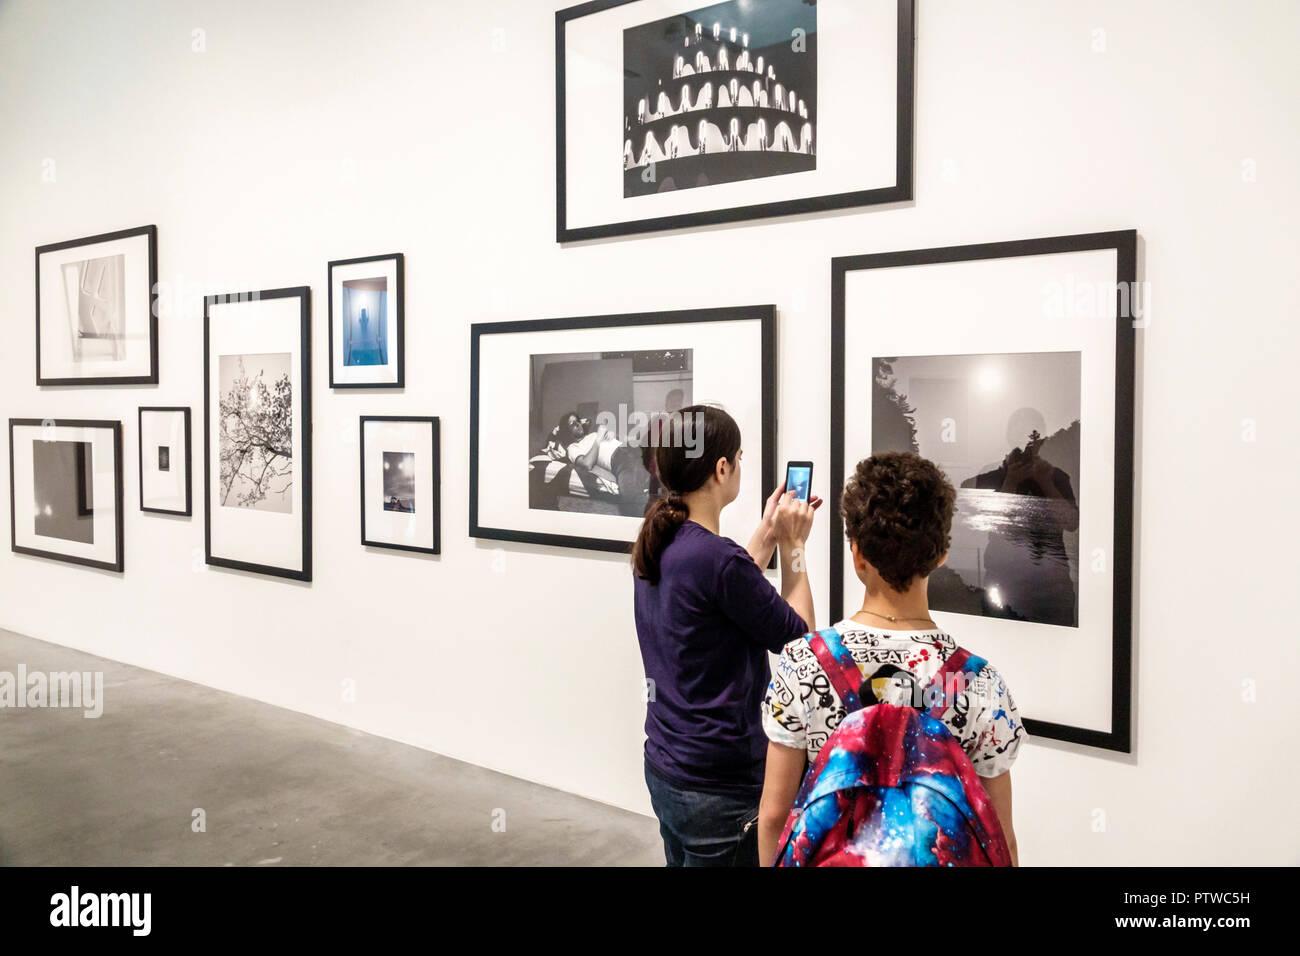 Londres Angleterre Royaume-Uni Grande-bretagne Southwark TateModern Bankside gallery musée d'art contemporain à l'intérieur de l'intérieur pièce photograhy b/w noir Photo Stock